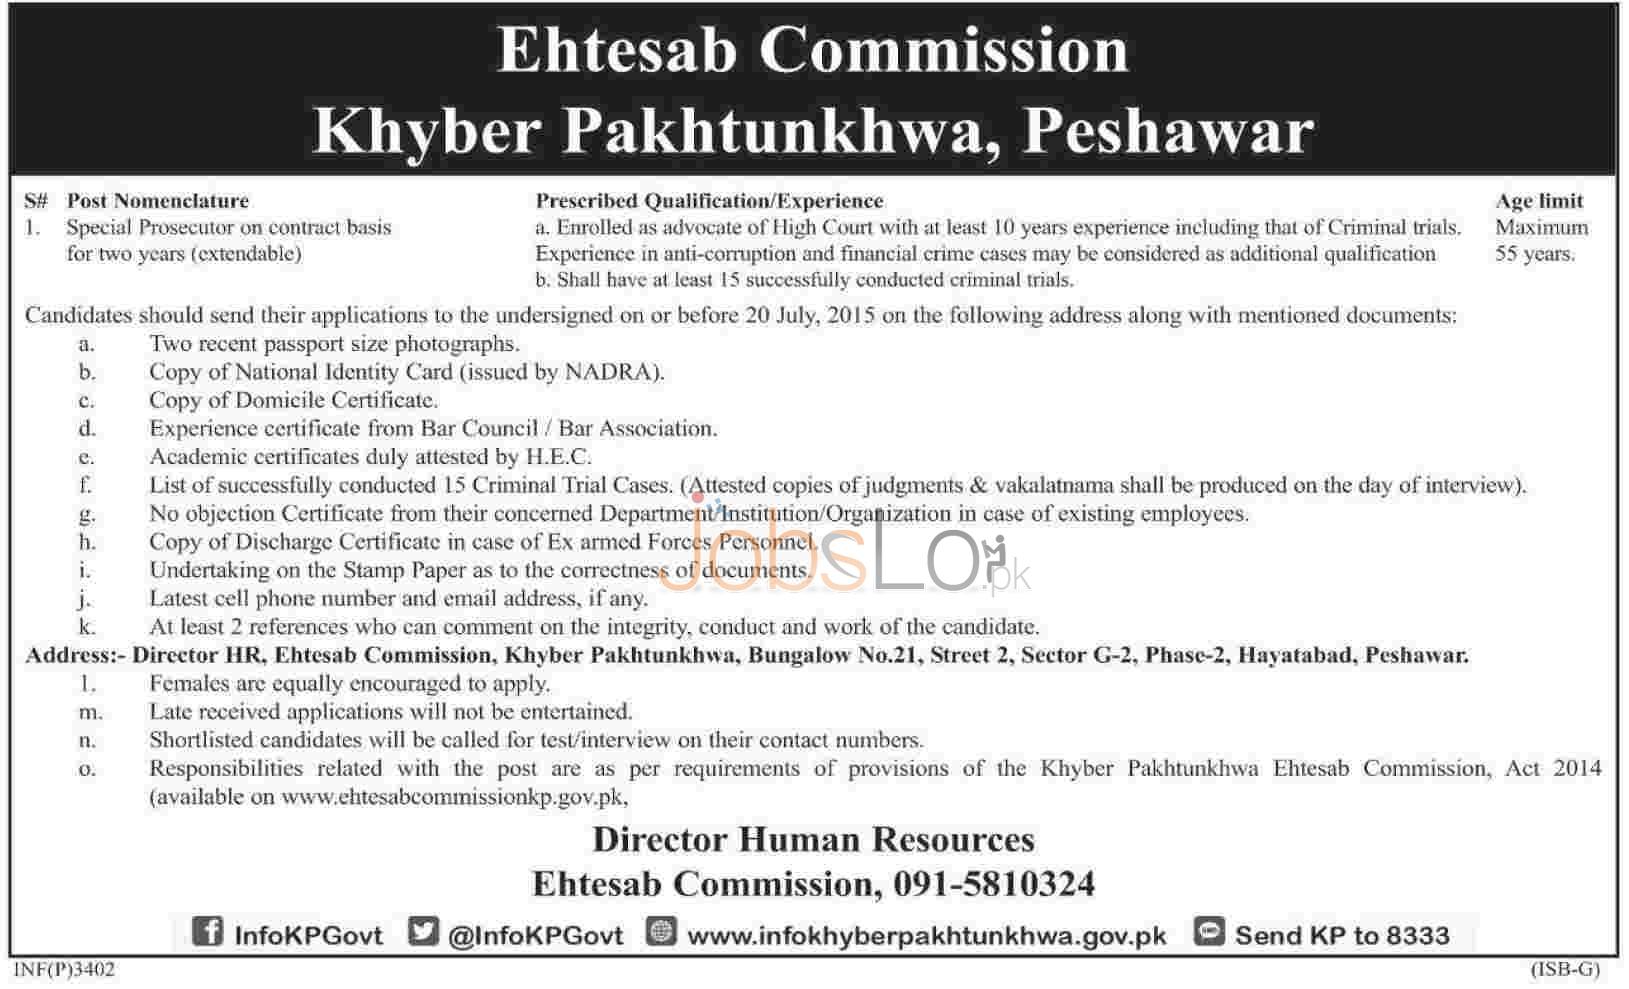 Ehtesab Commission KPK Jobs